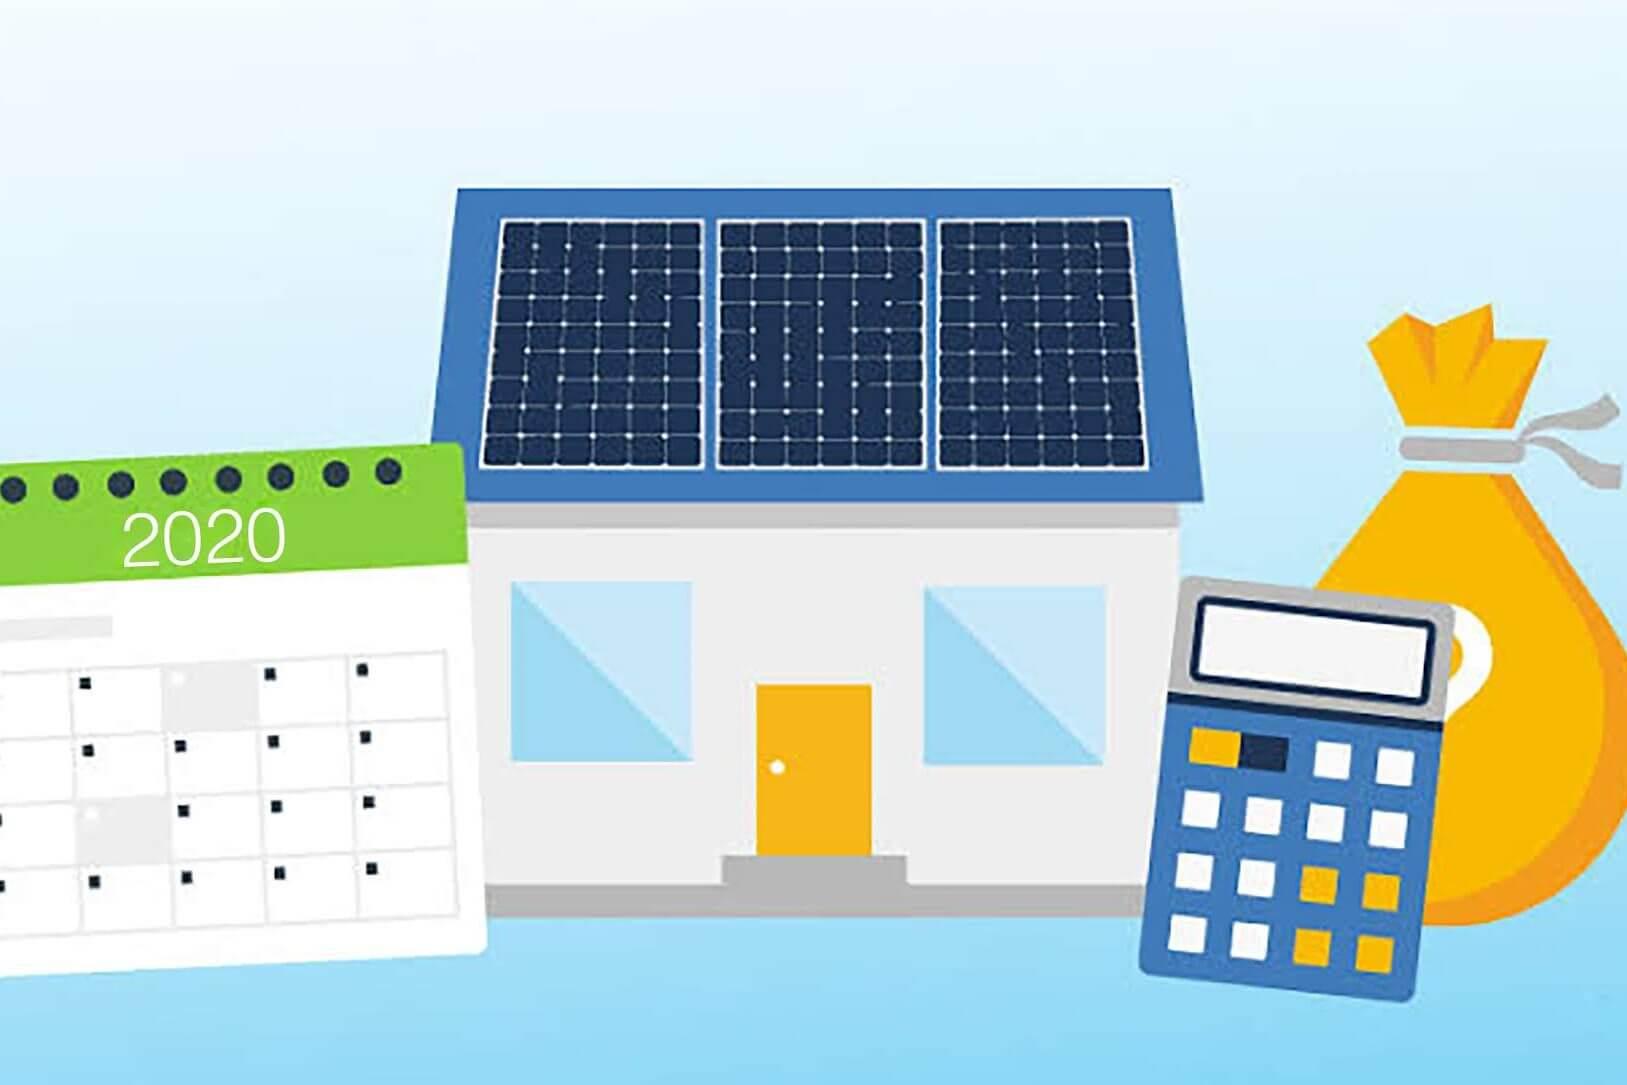 Time ticks for solar